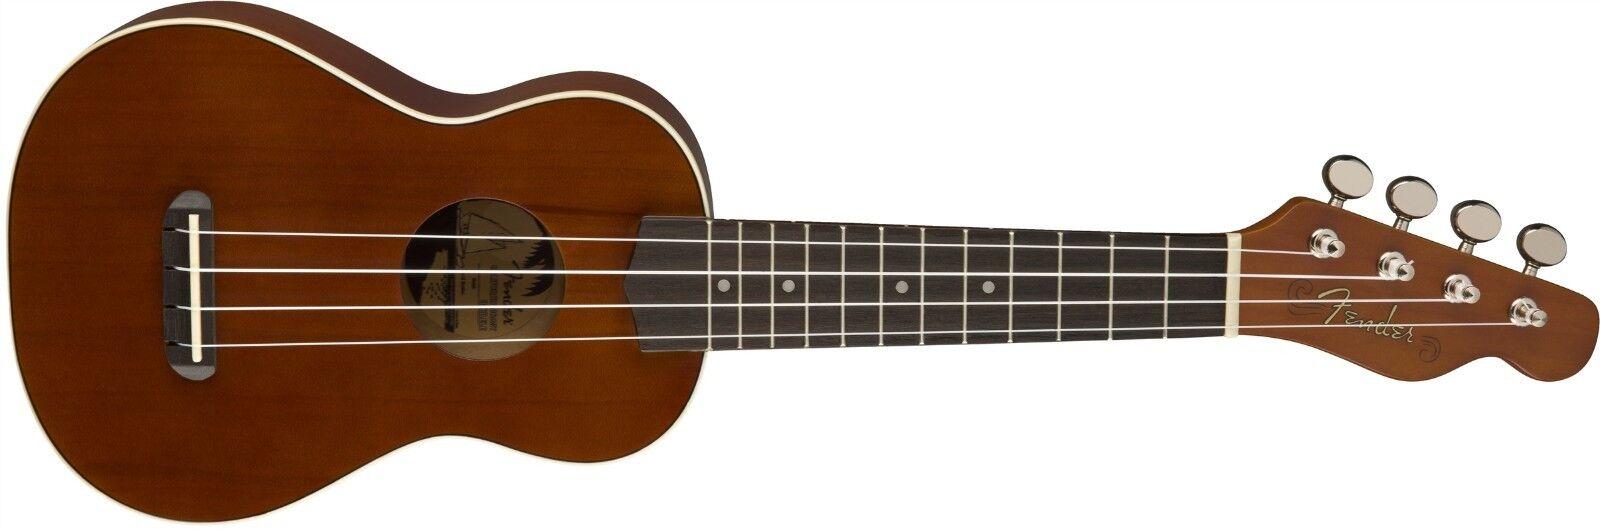 Ukelele Soprano Fender Fender Fender Venecia, Natural  0965060021 a82100